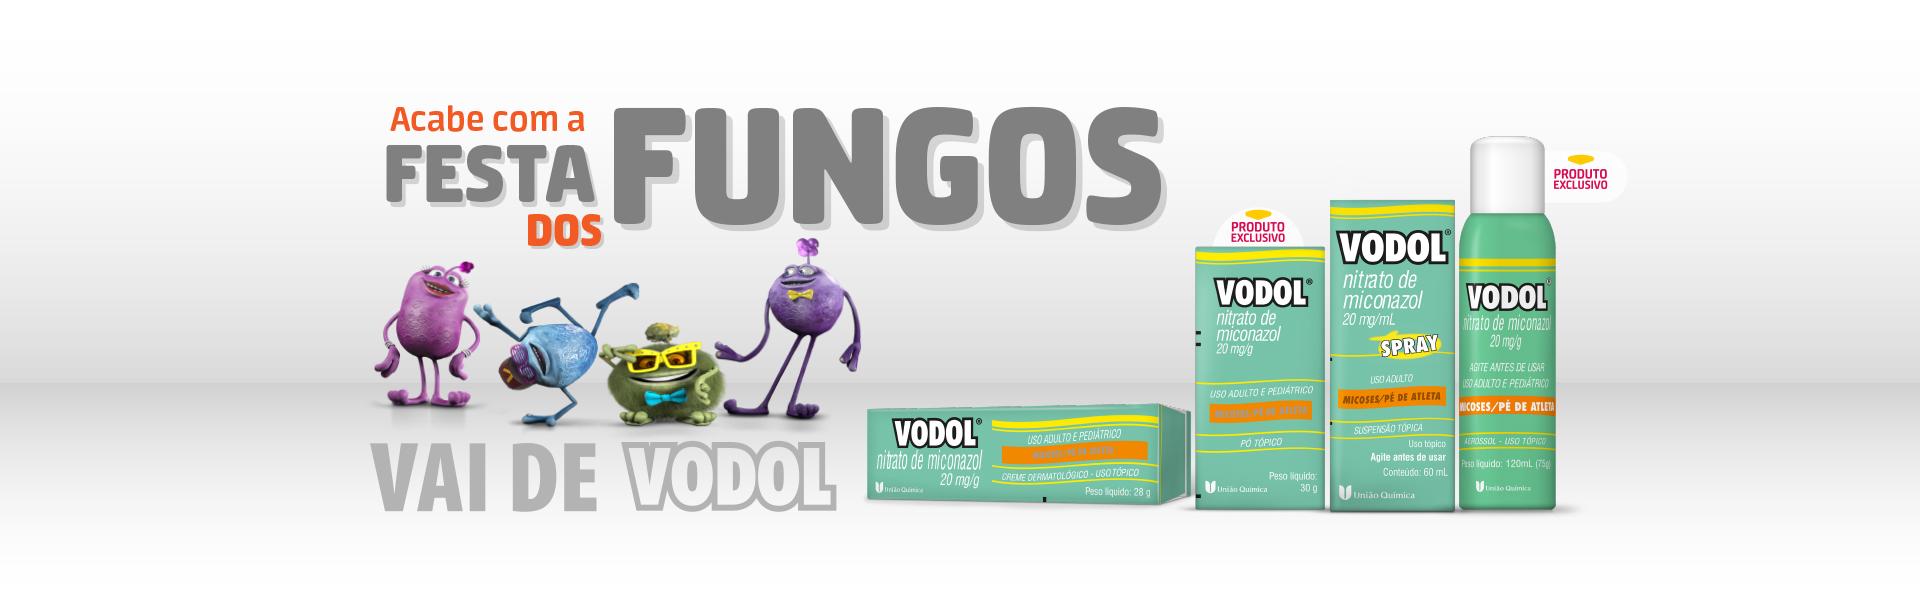 Vodol® Aerossol